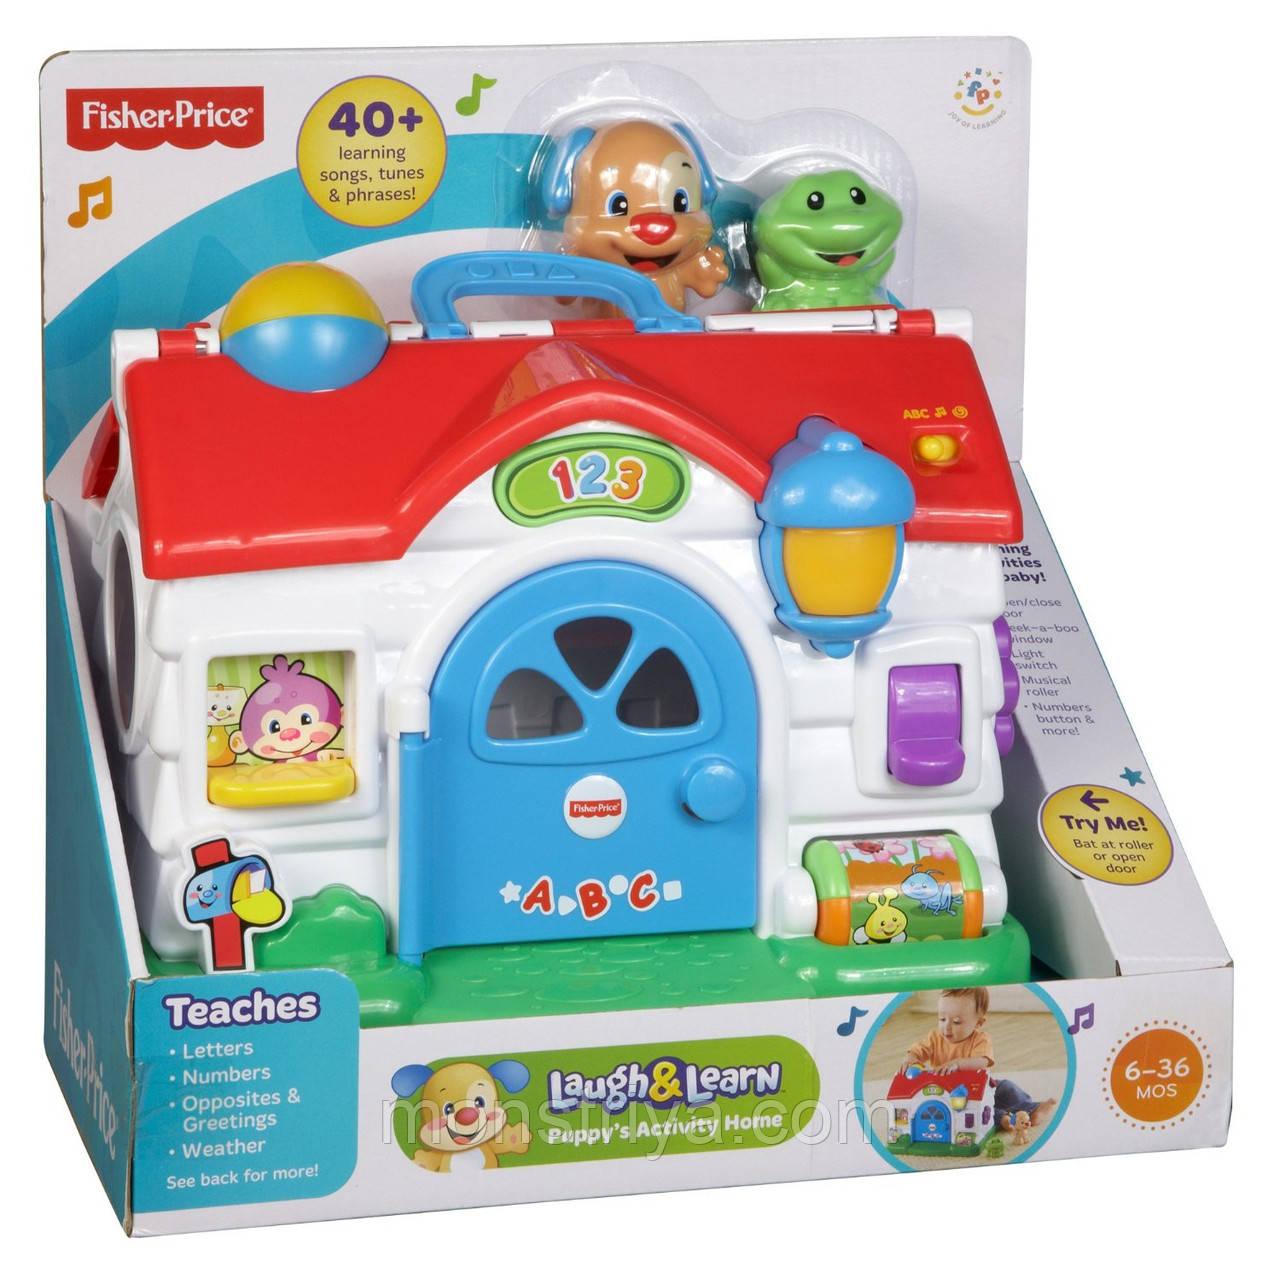 Развивающая игрушка Домик Fisher-Price Laugh & Learn Puppy´s Activity Home